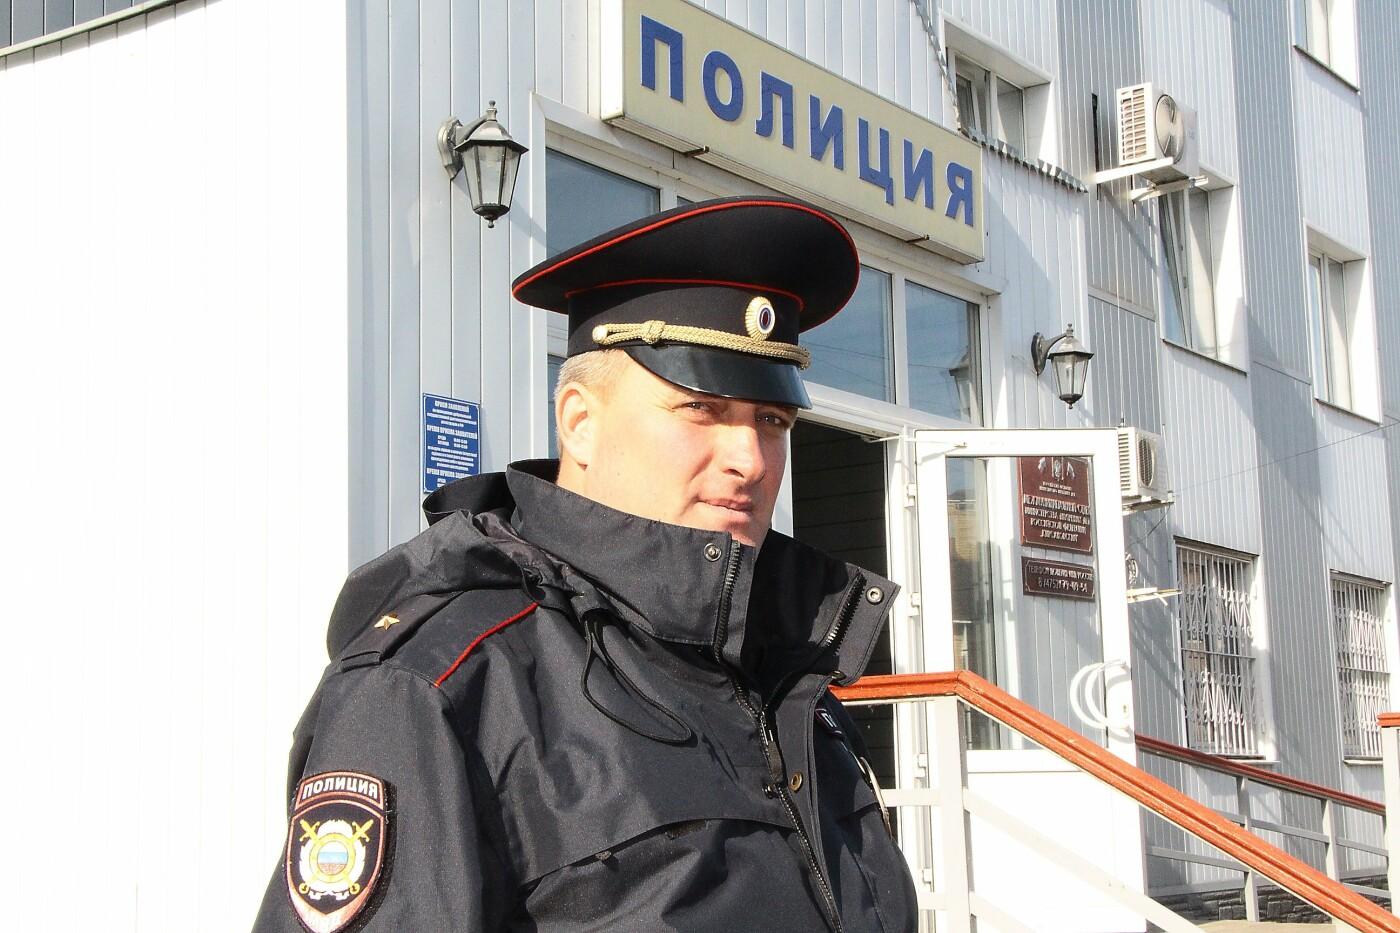 Тамбовчанин Михаил Минаев претендует на звание лучшего участкового страны, фото-1